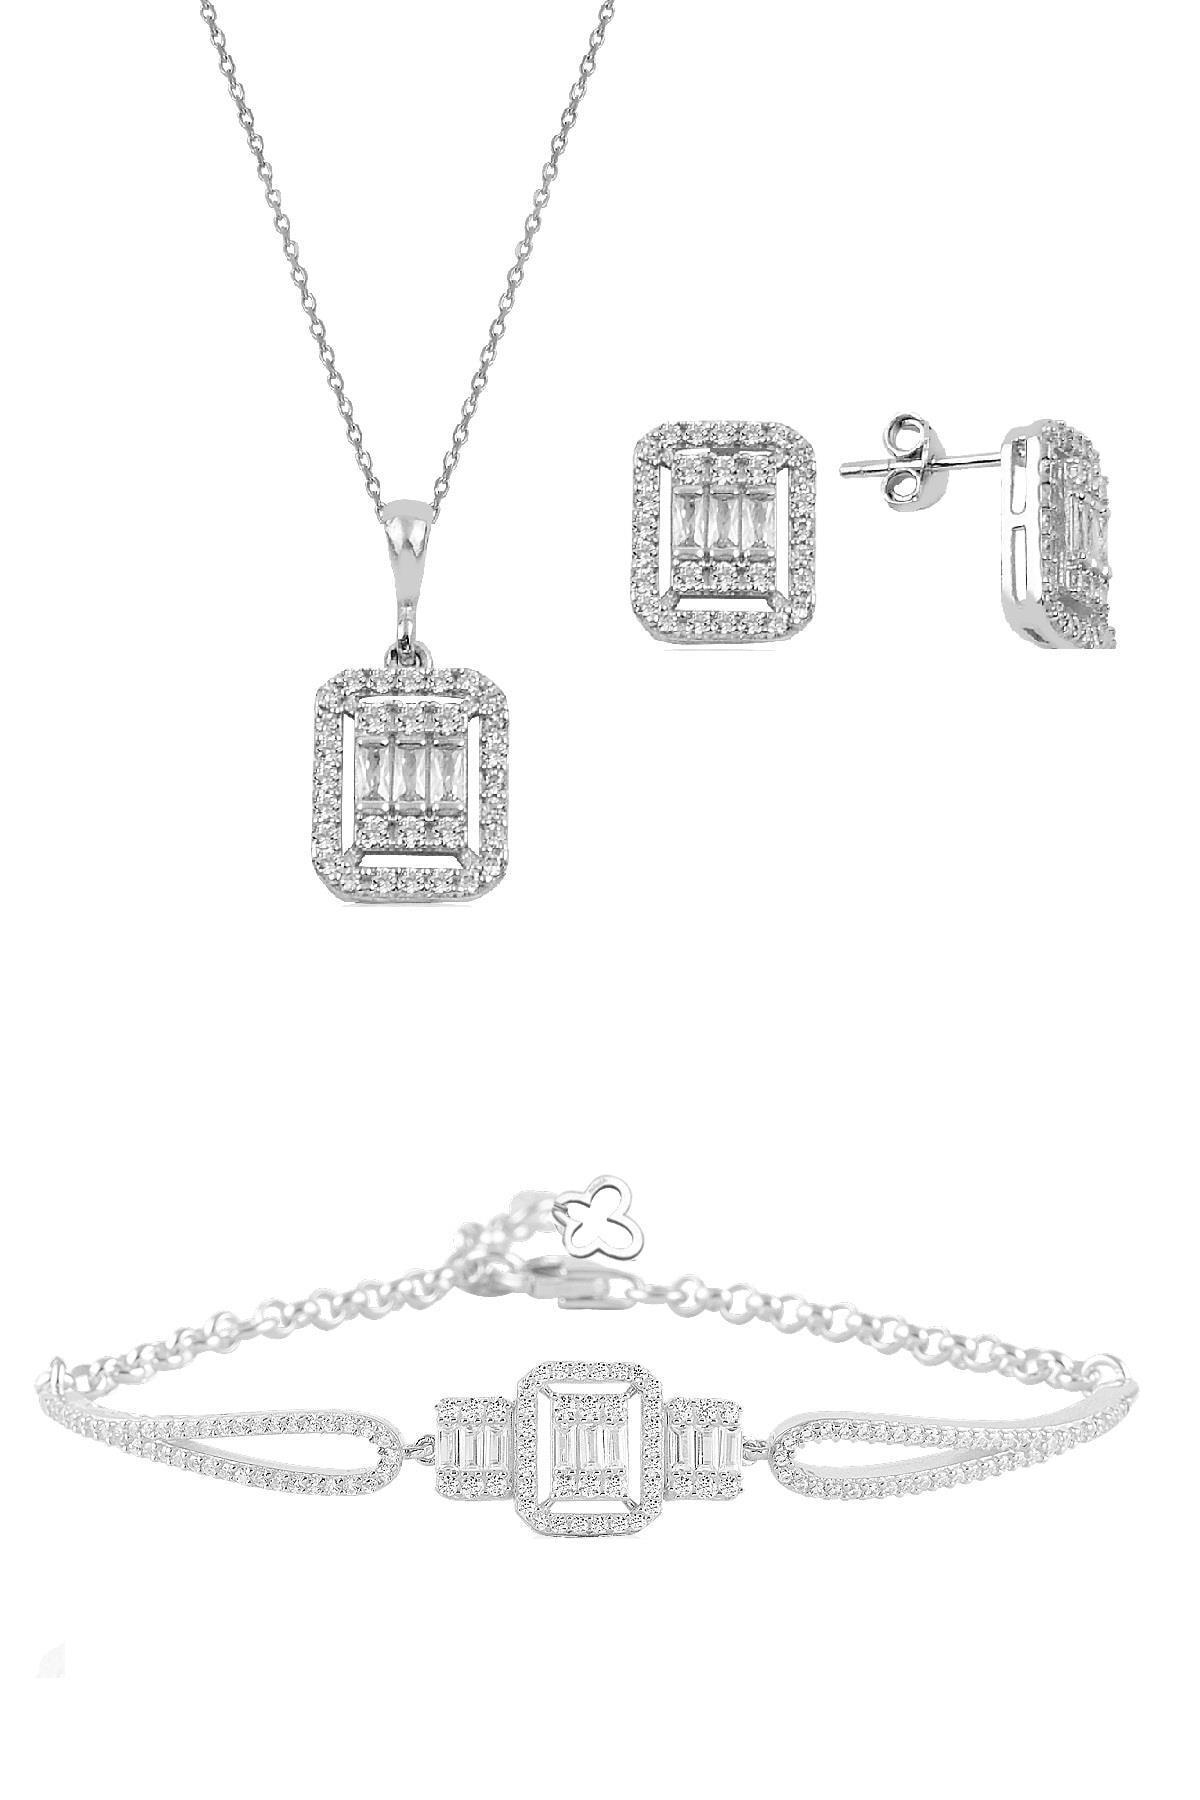 Söğütlü Silver Gümüş rodyumlu baget taşlı  kolye küpe ve bilezik  gümüş set